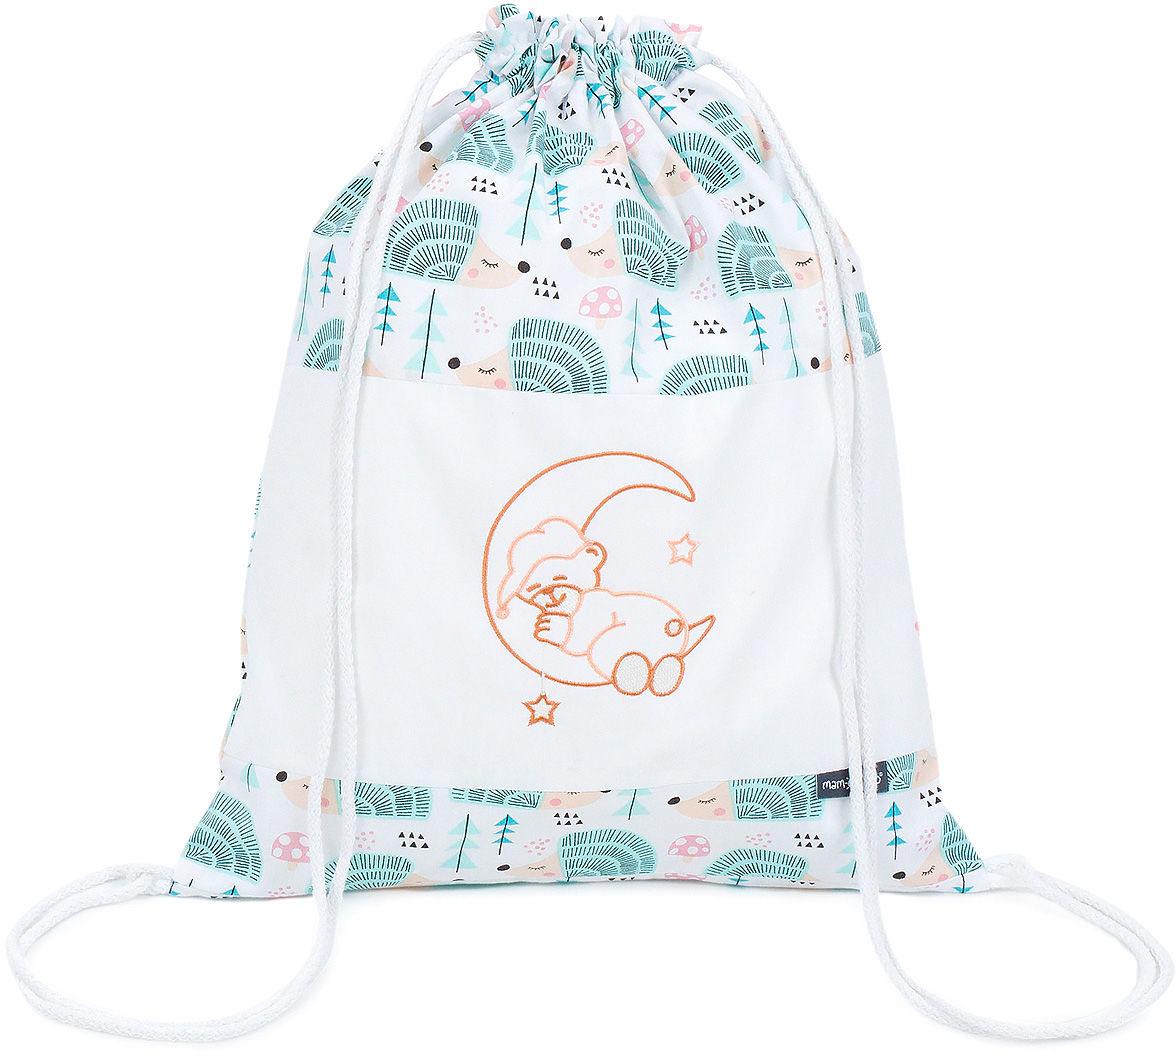 Plecak / worek bawełniany dla dzieci - Jeżyki turkus / miś na księżycu brzoskwiniowy